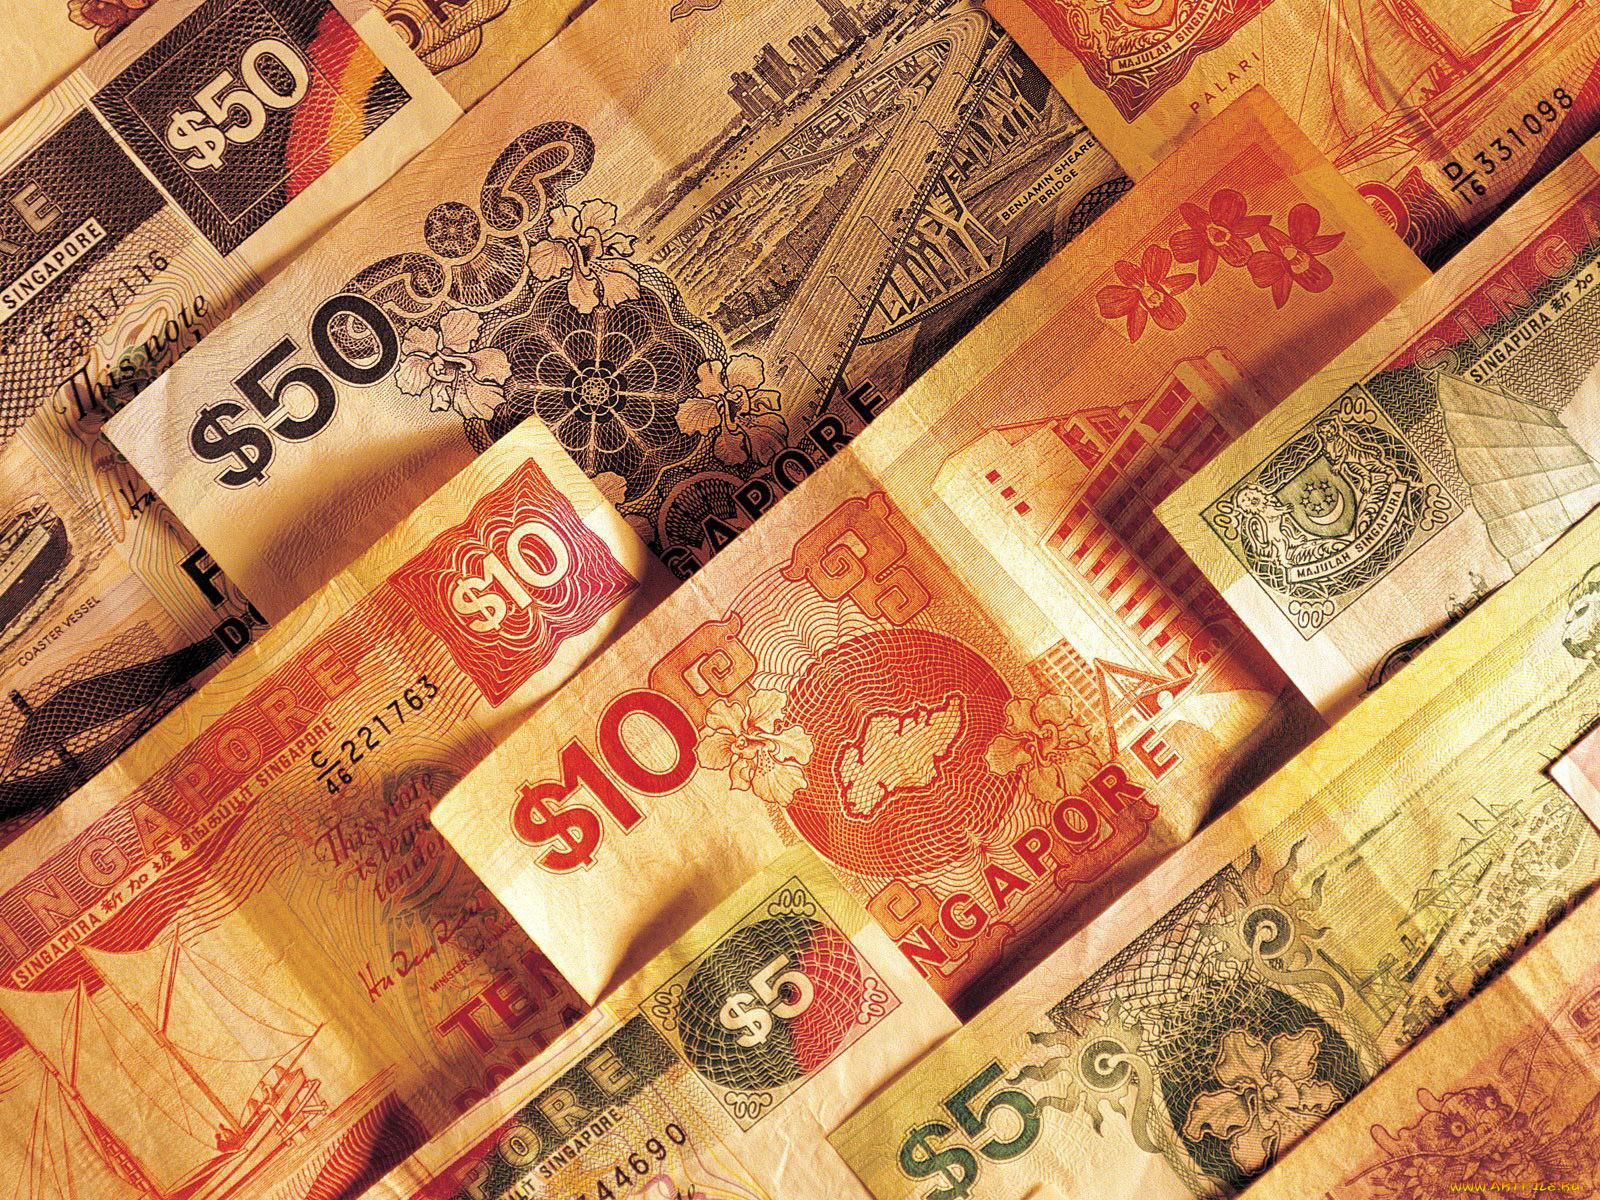 широкоформатные картинка купюр денег в хорошем качестве смогла удержаться